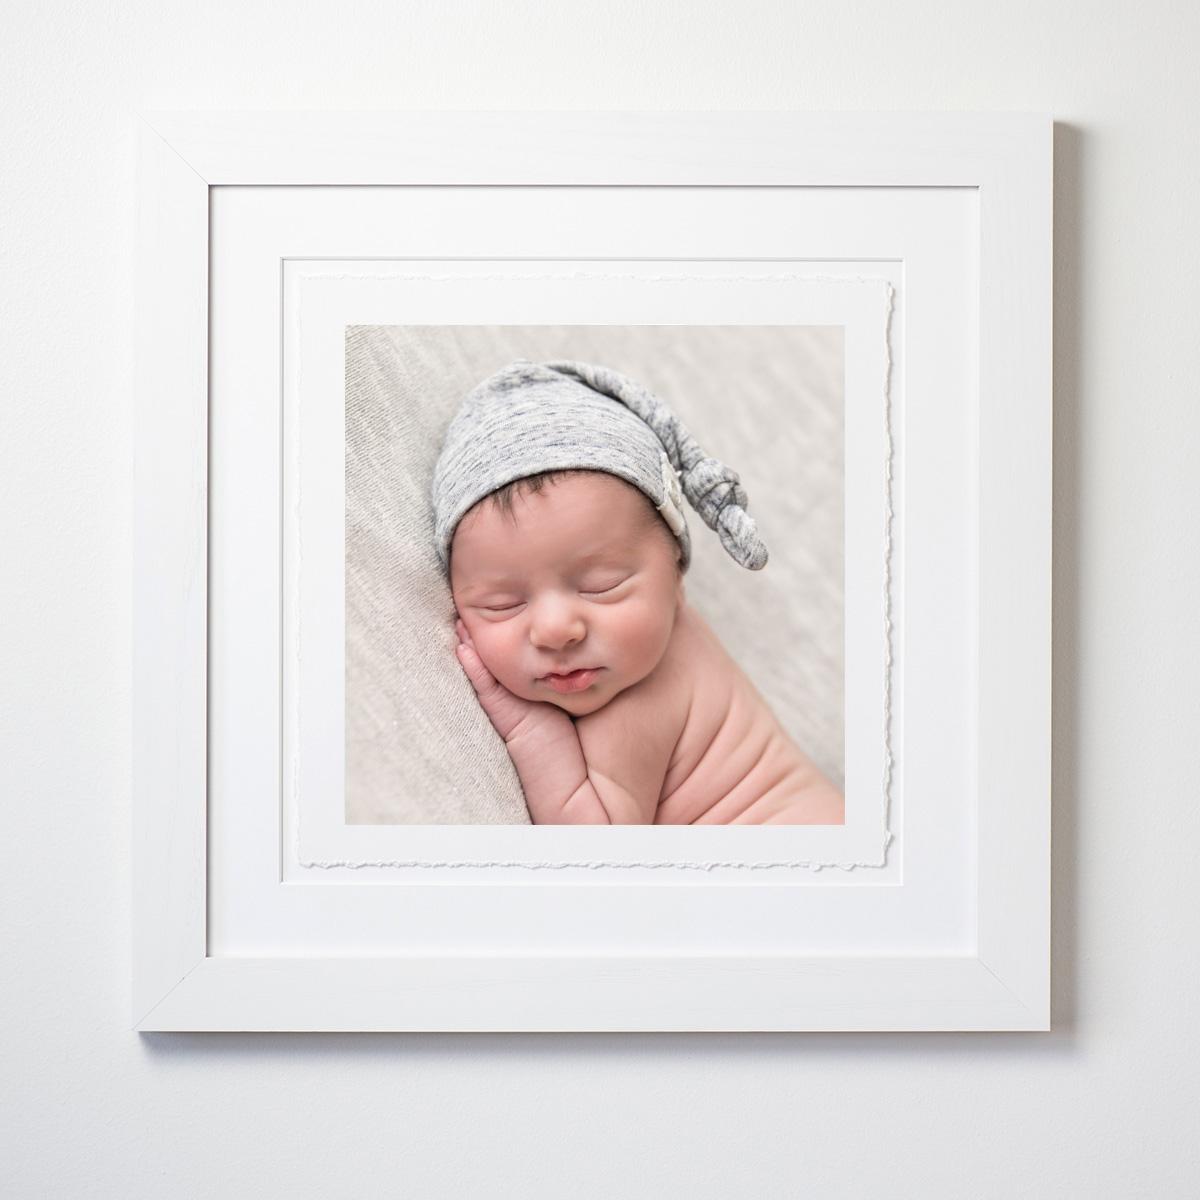 matted framed deckled print.jpg